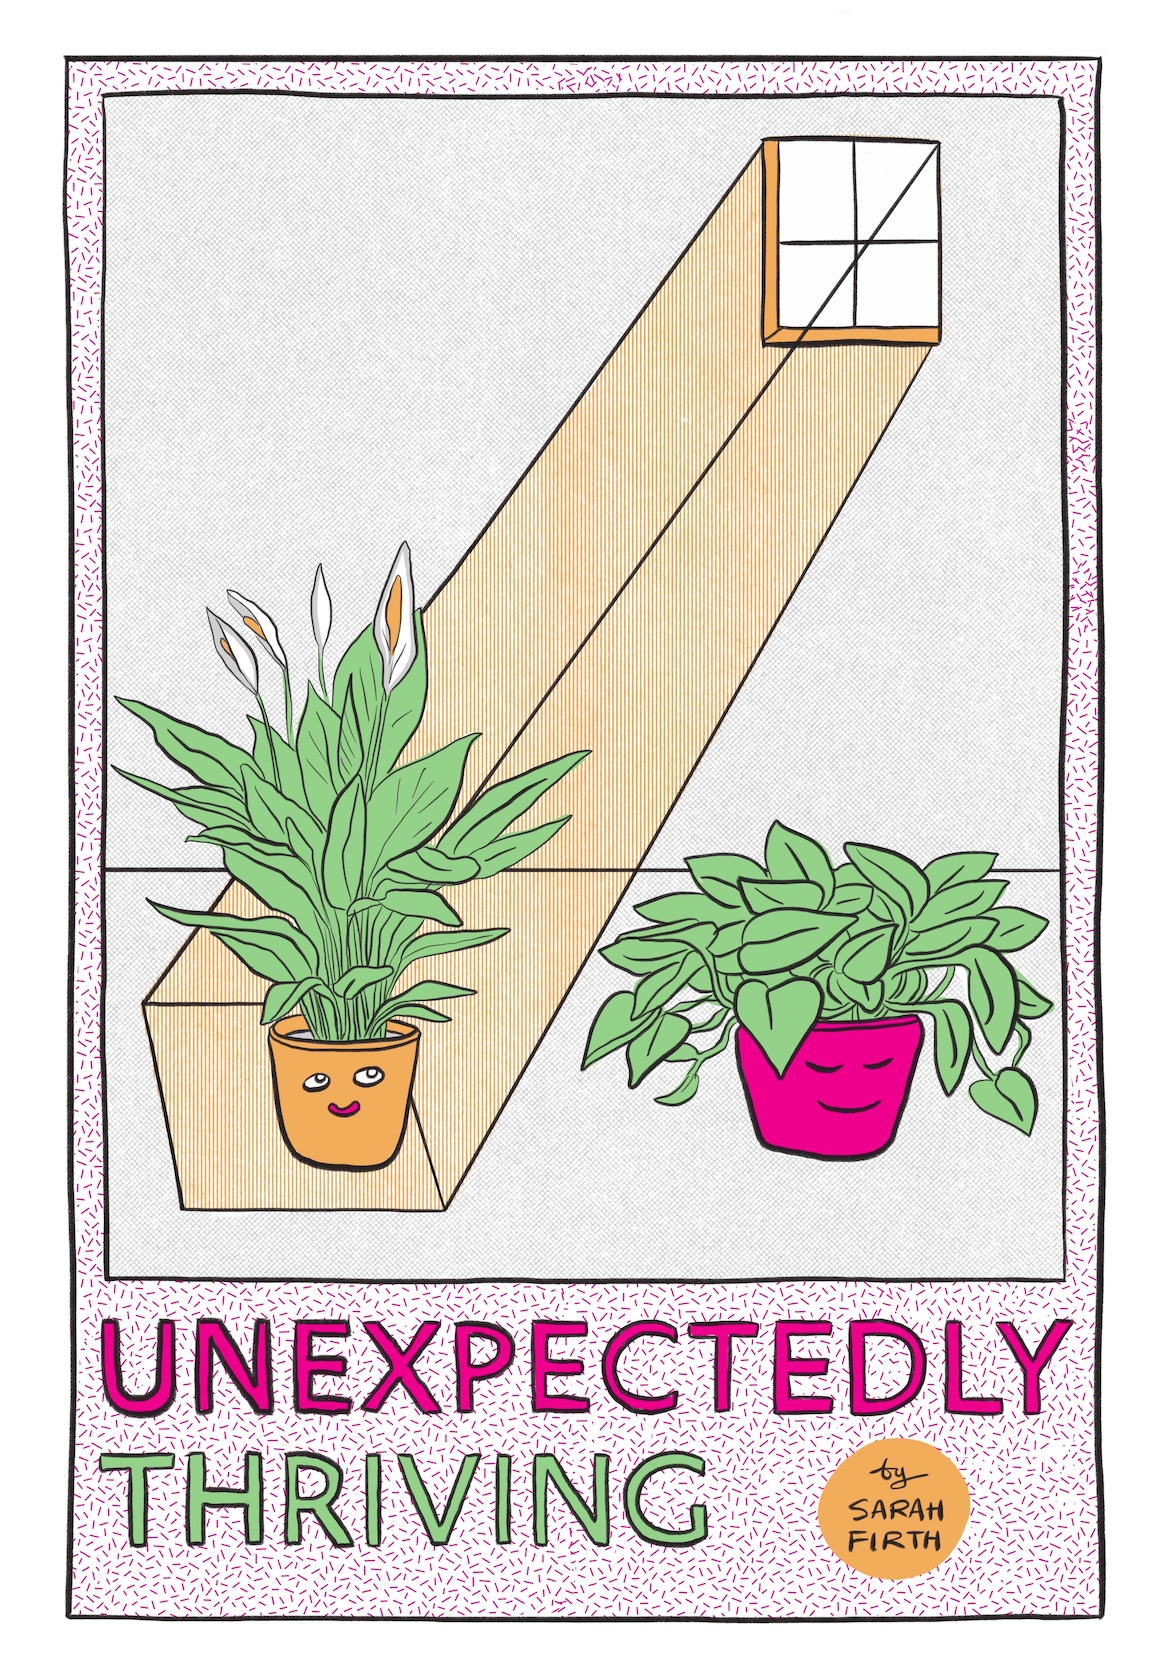 Unexpectedly Thriving, bedeutet Unerwartetes Wachstum. Von Sarah Firth